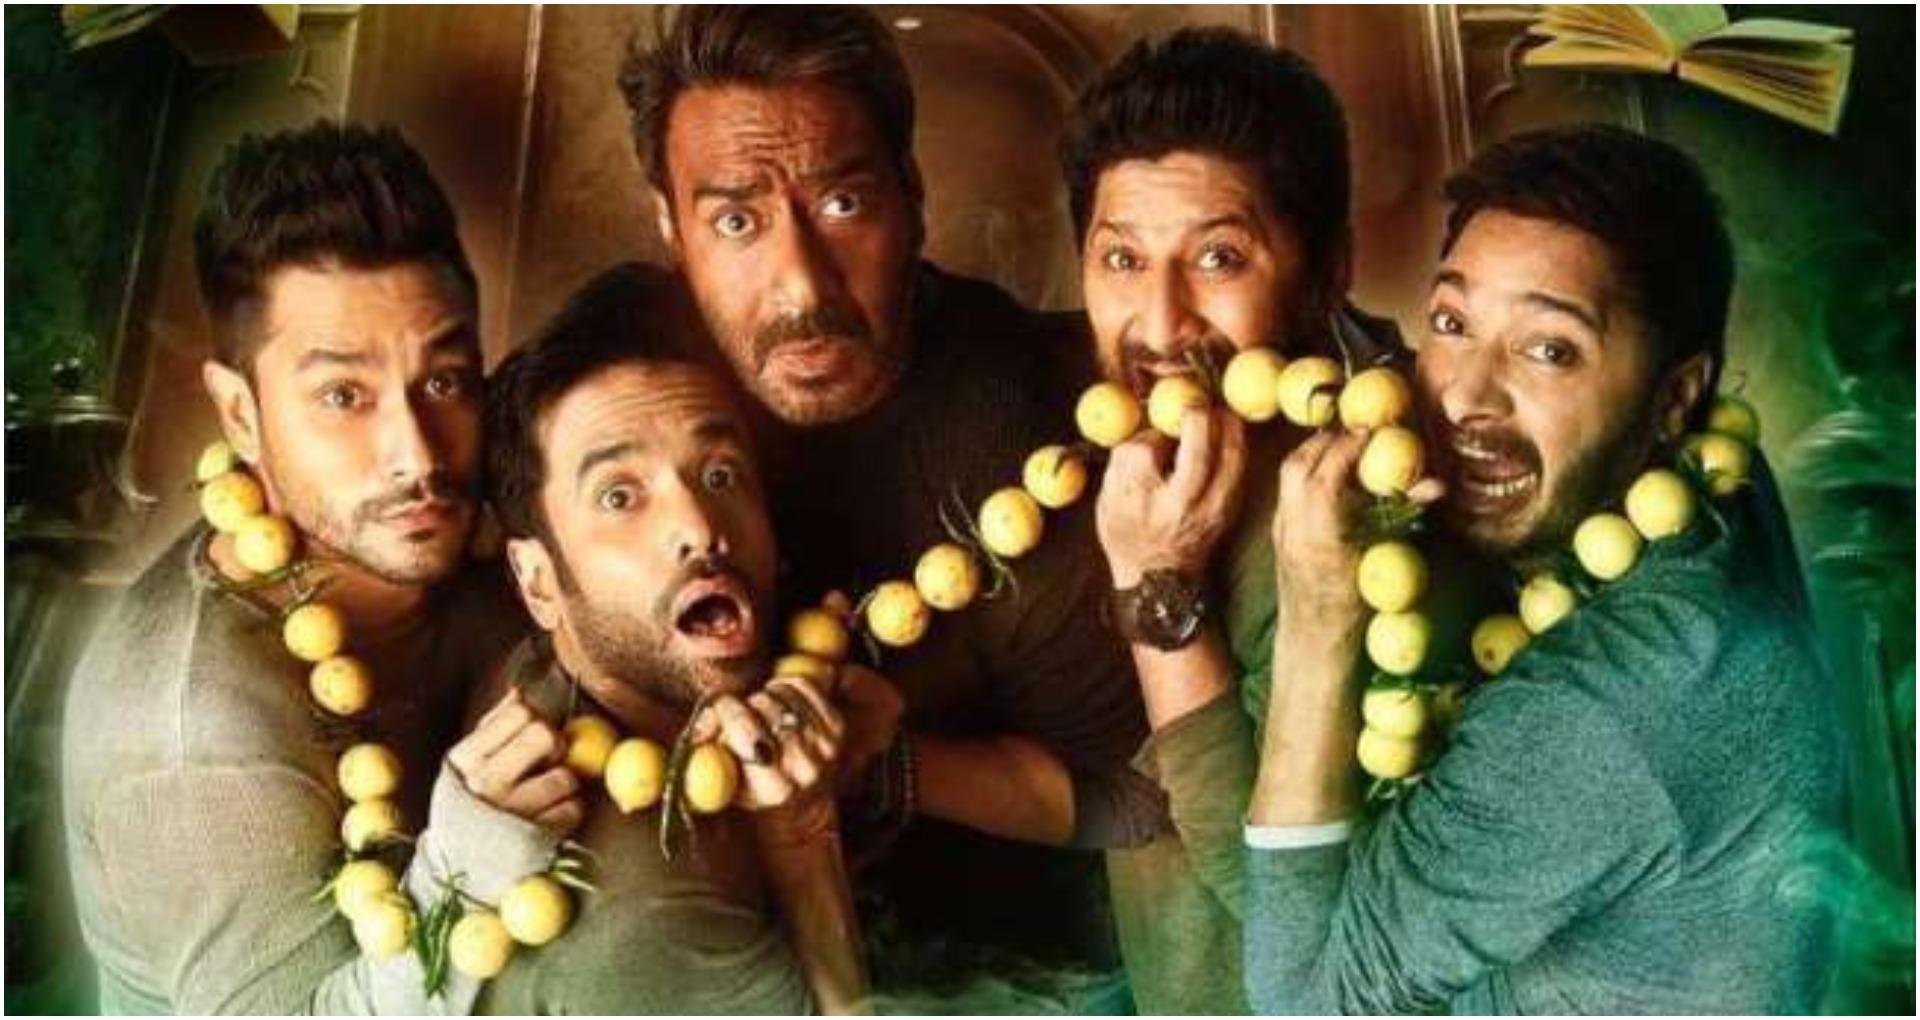 Good News! न्यूजीलैंड में खुले थिएटर, रोहित शेट्टी की फिल्म 'गोलमाल अगेन' होगी रिलीज़, पढ़ें पूरी रिपोर्ट